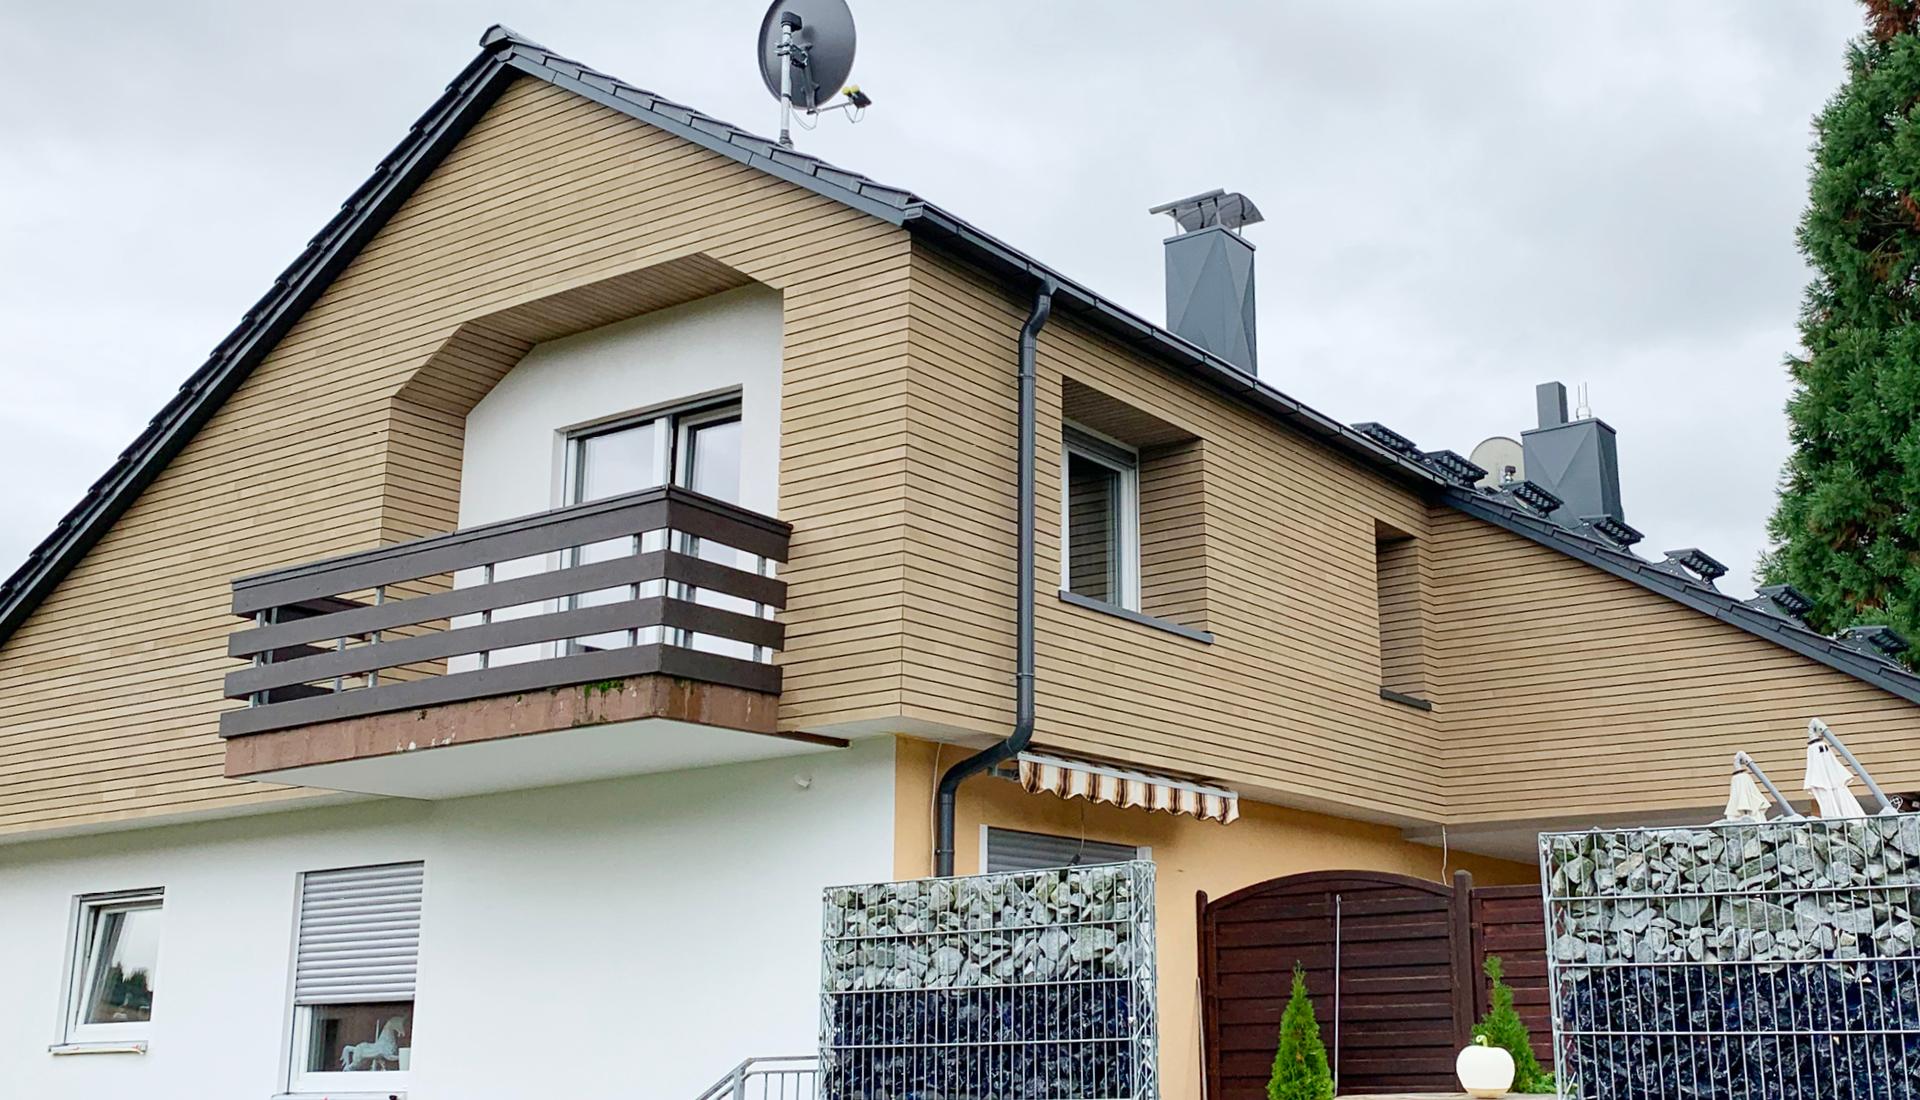 Ibrahim Murat | Ihr Betrieb für Dachdecker-, Zimmerer- und Spenglerarbeiten. Höchste Qualität und zuverlässige Arbeit aus einer Hand – zu fairen Preisen